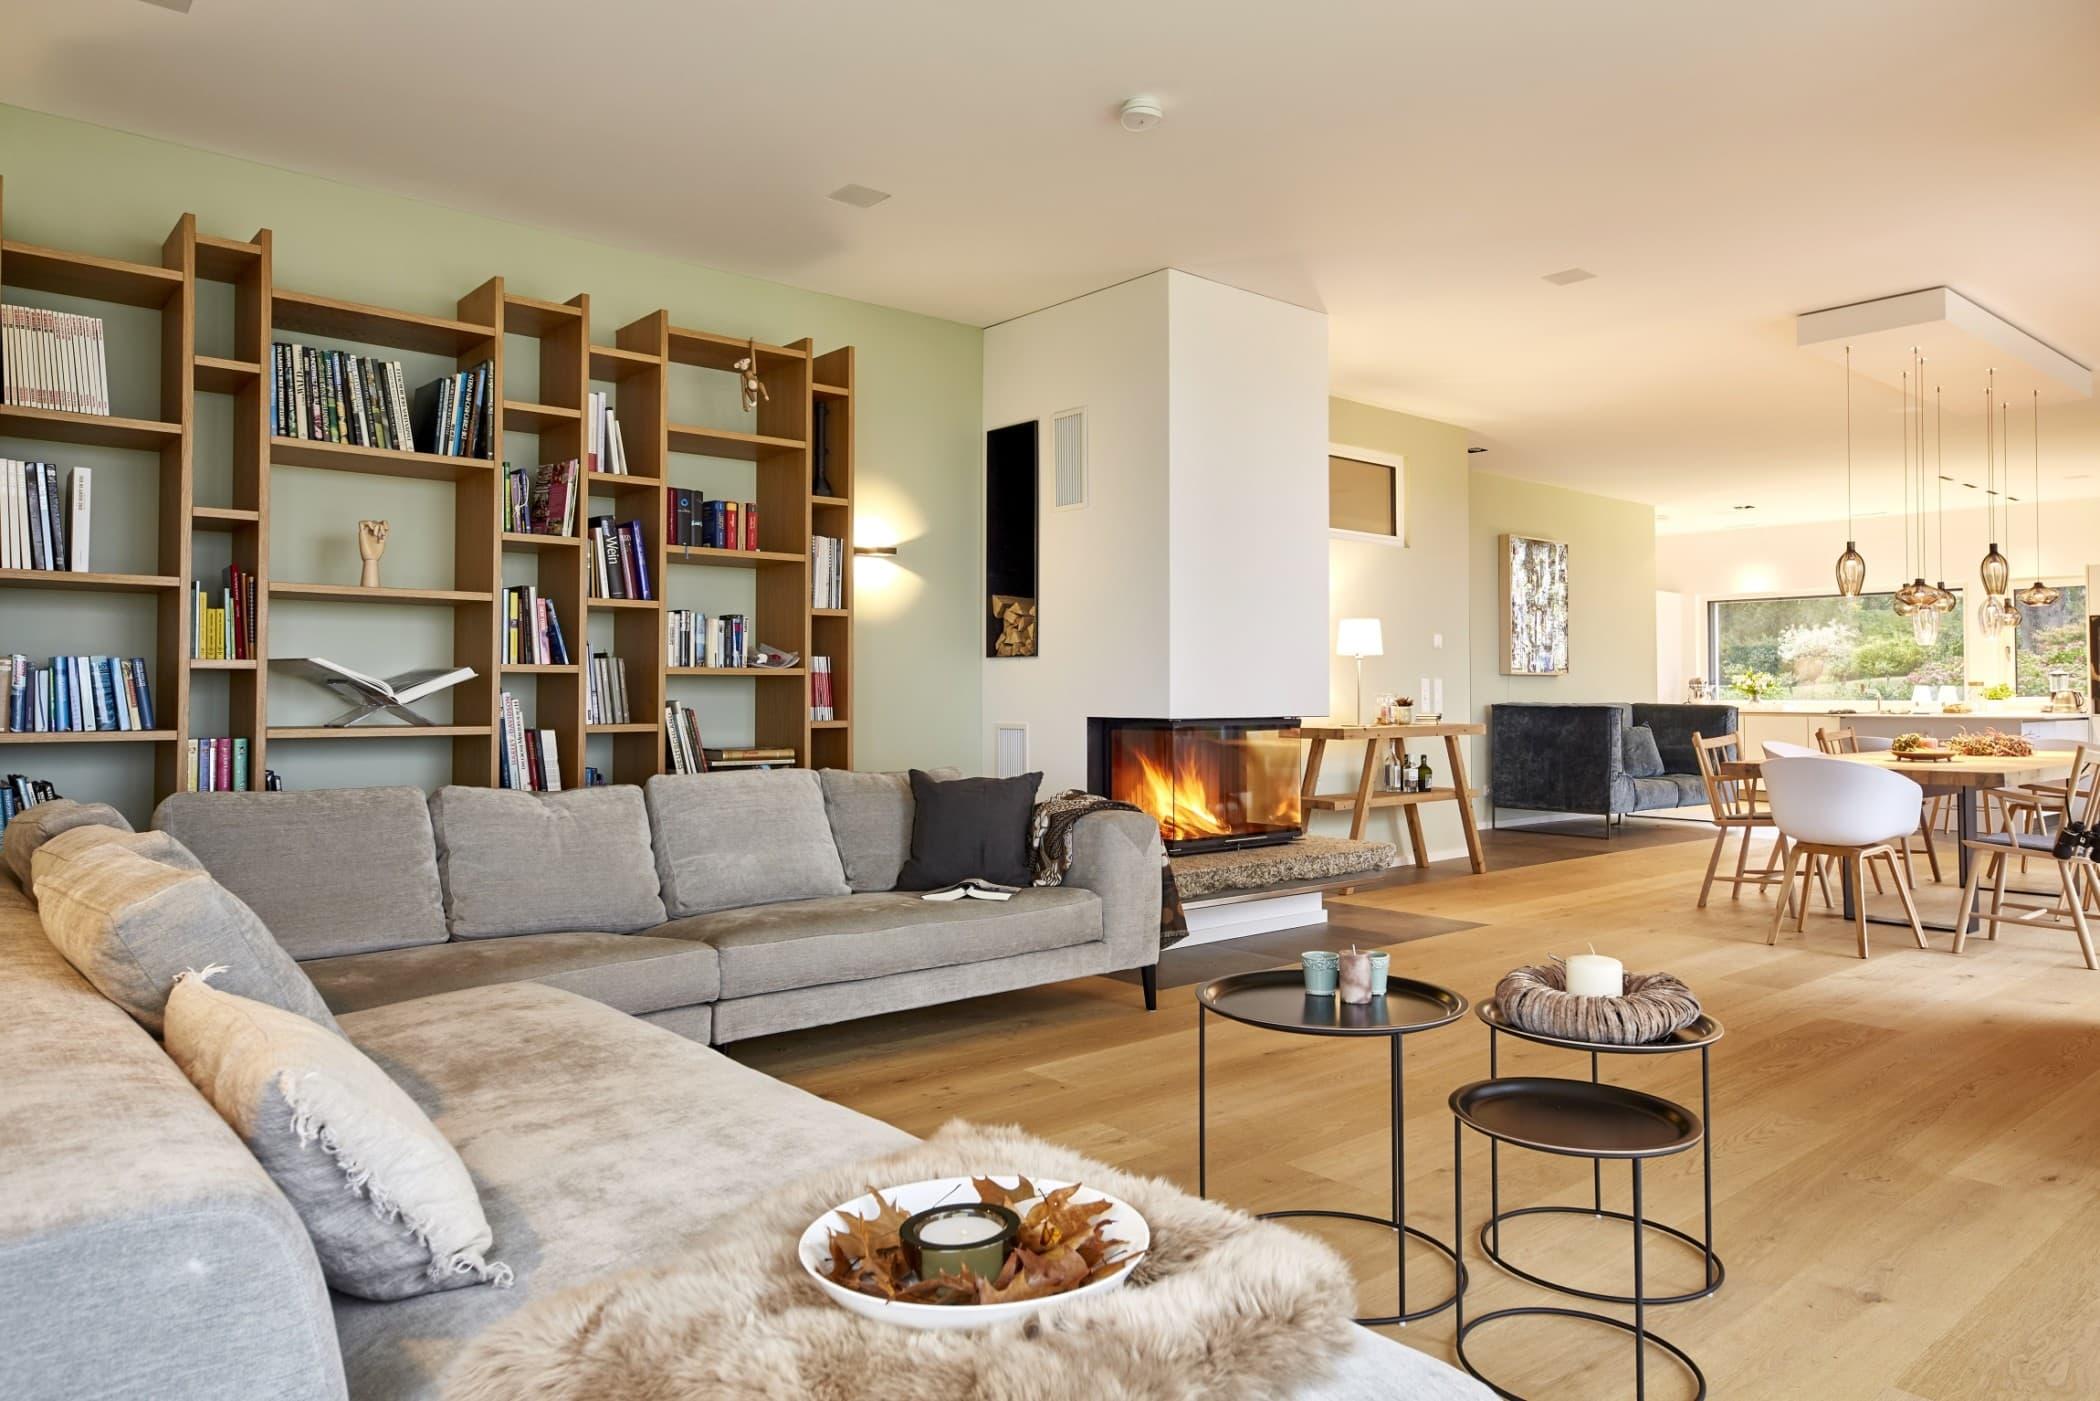 Wohnzimmer modern mit Kamin - Wohnideen Haus Inneneinrichtung BAUFRITZ Architektenhaus MEHRBLICK - HausbauDirekt.de